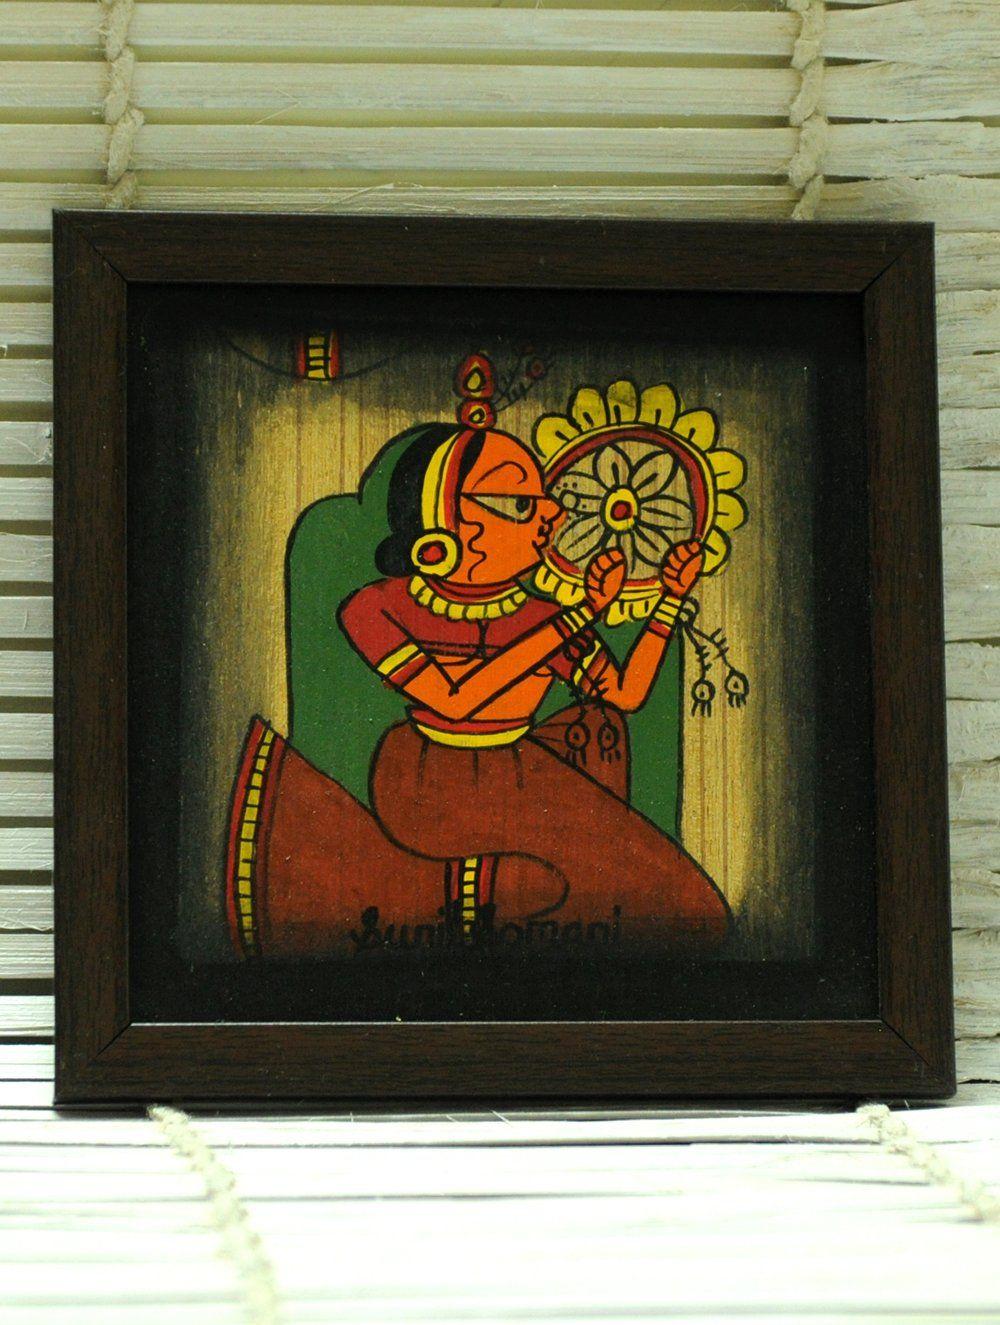 Phad Art Painting on Wood, Framed, Small, Multicoloured